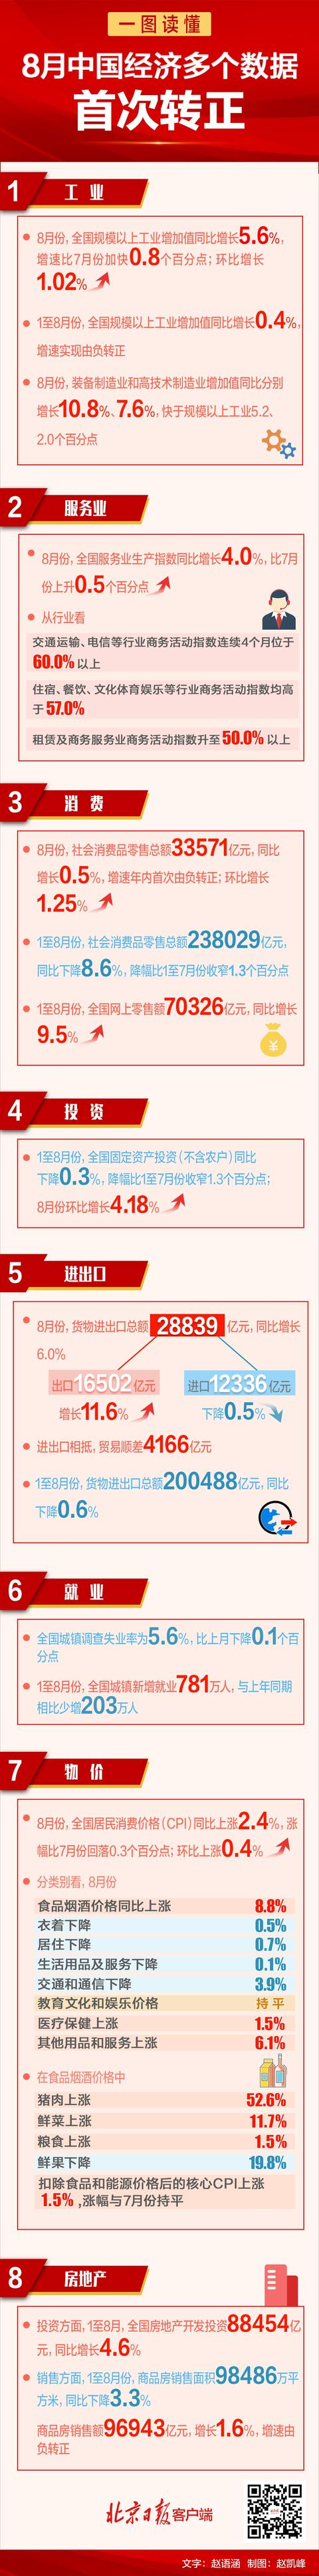 8月中国经济多个数据首次转正 这些数字振奋人心